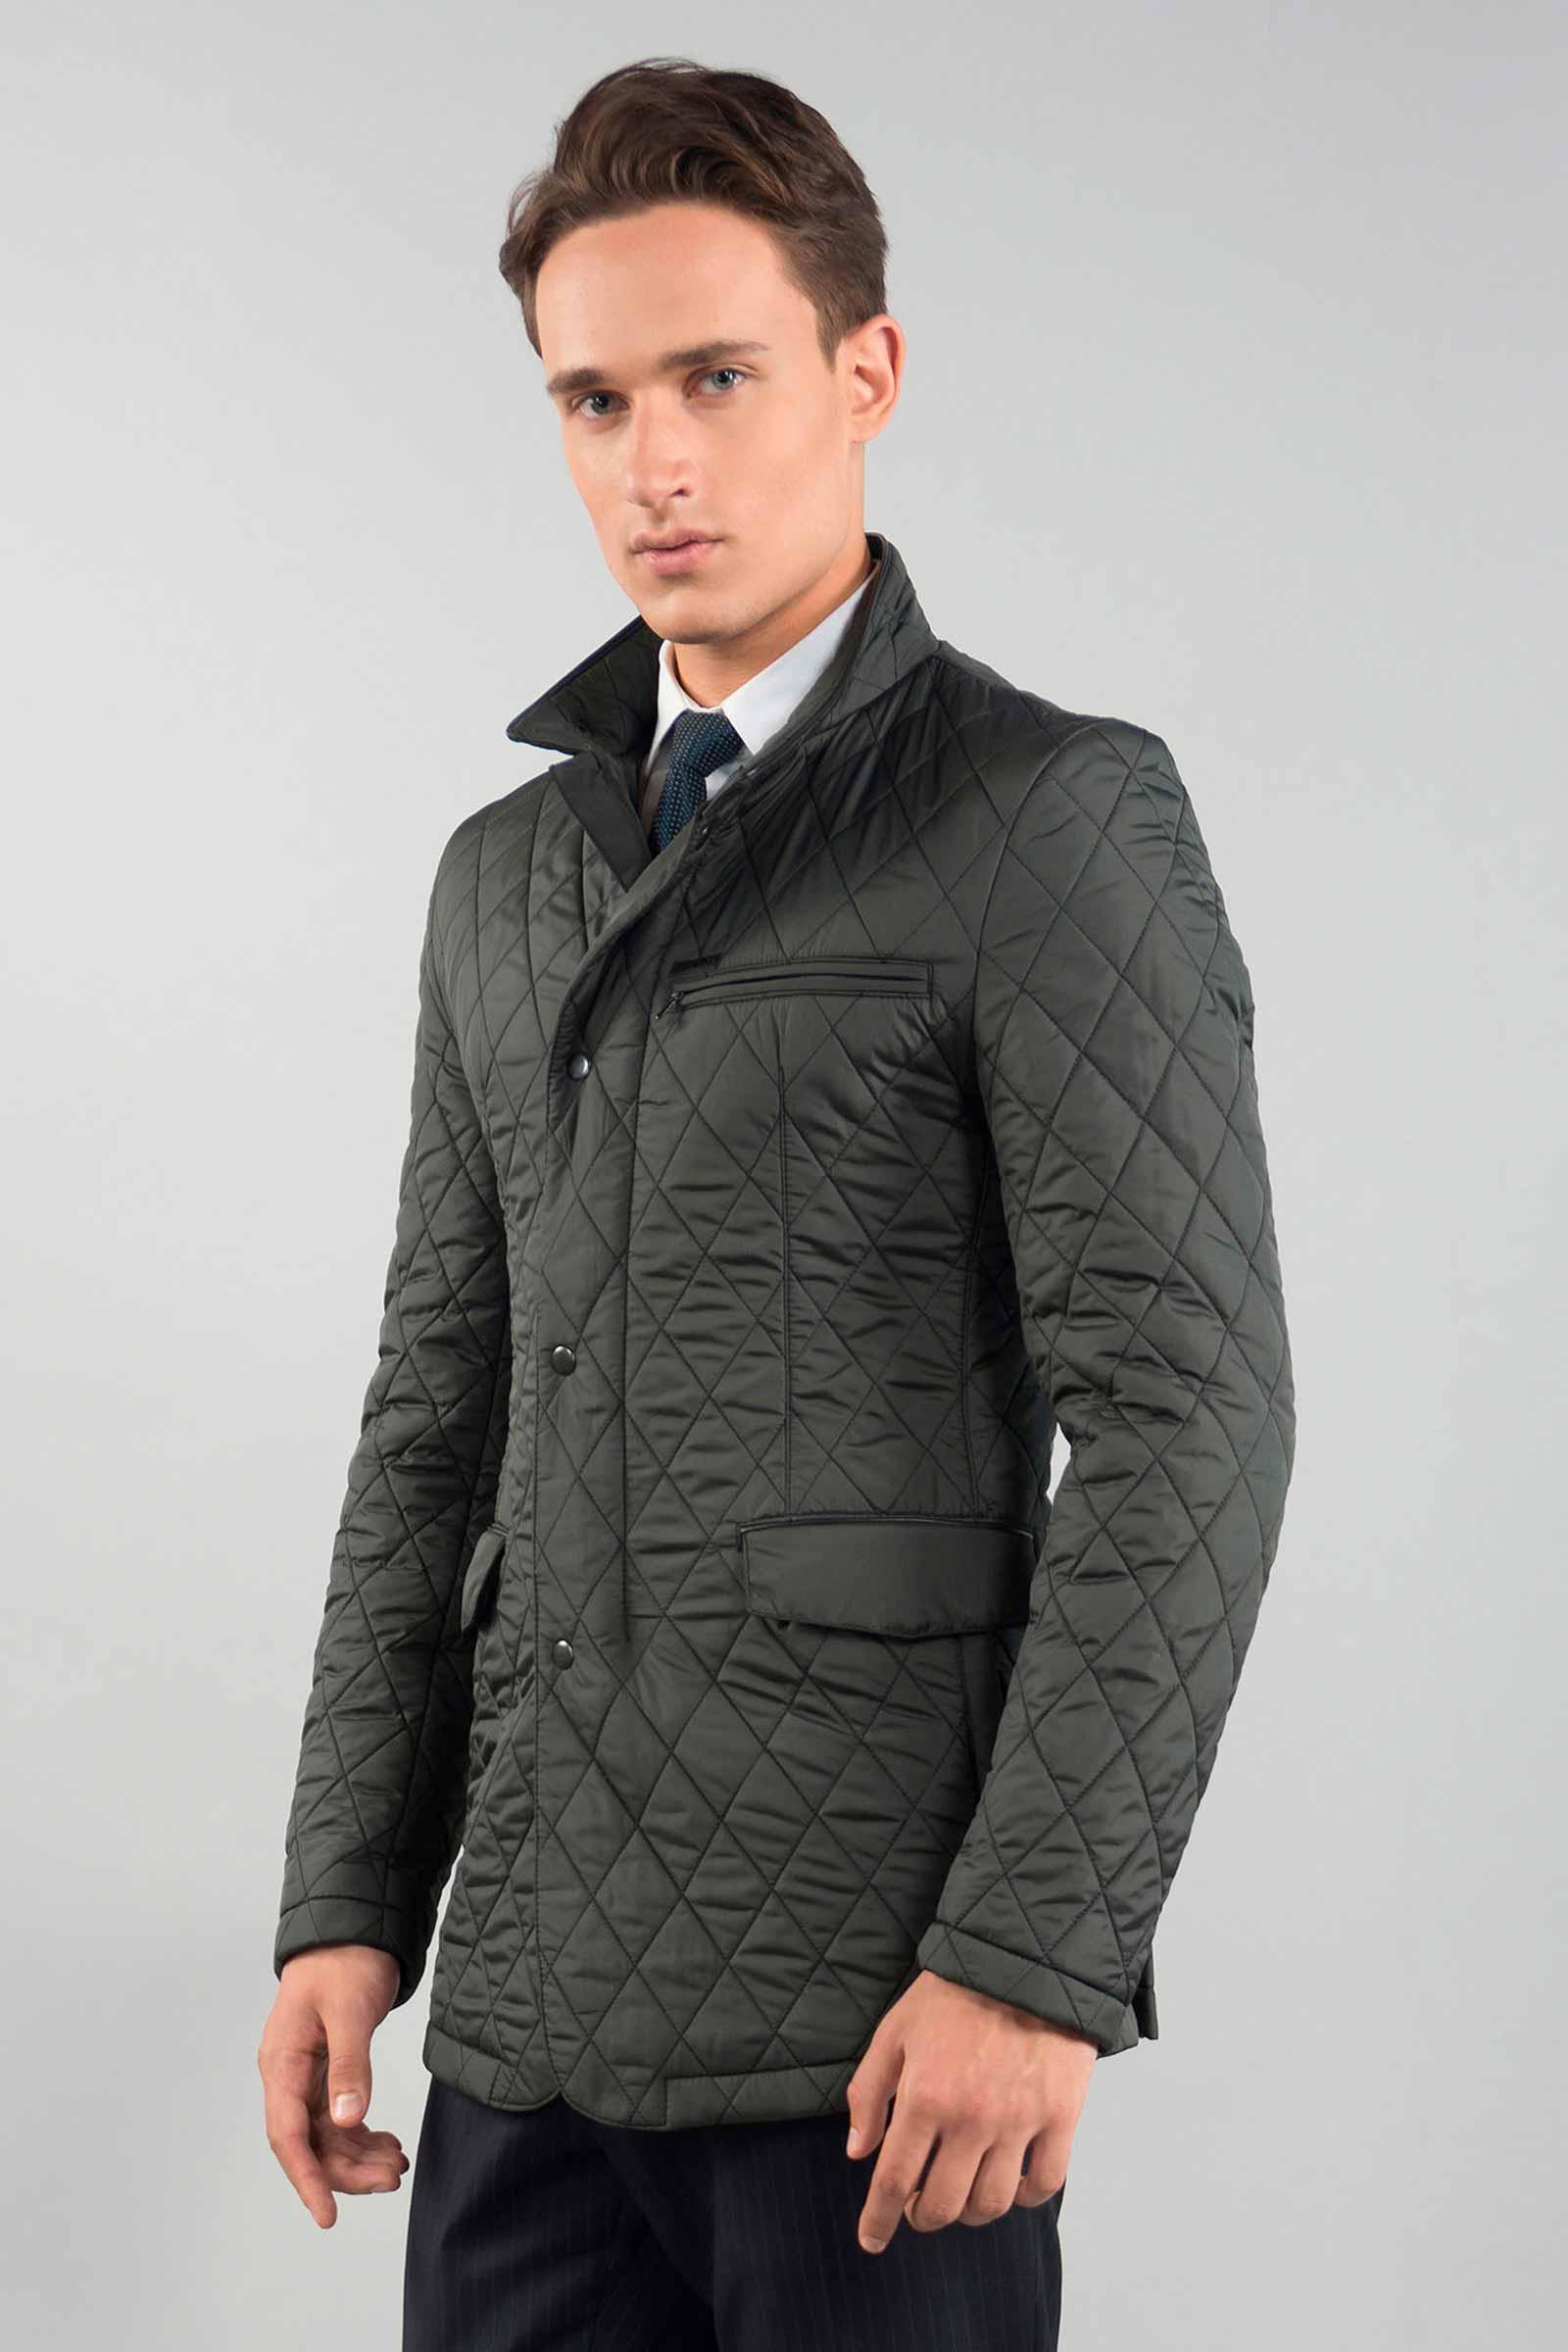 Стильные мужские курточки Украина - фото